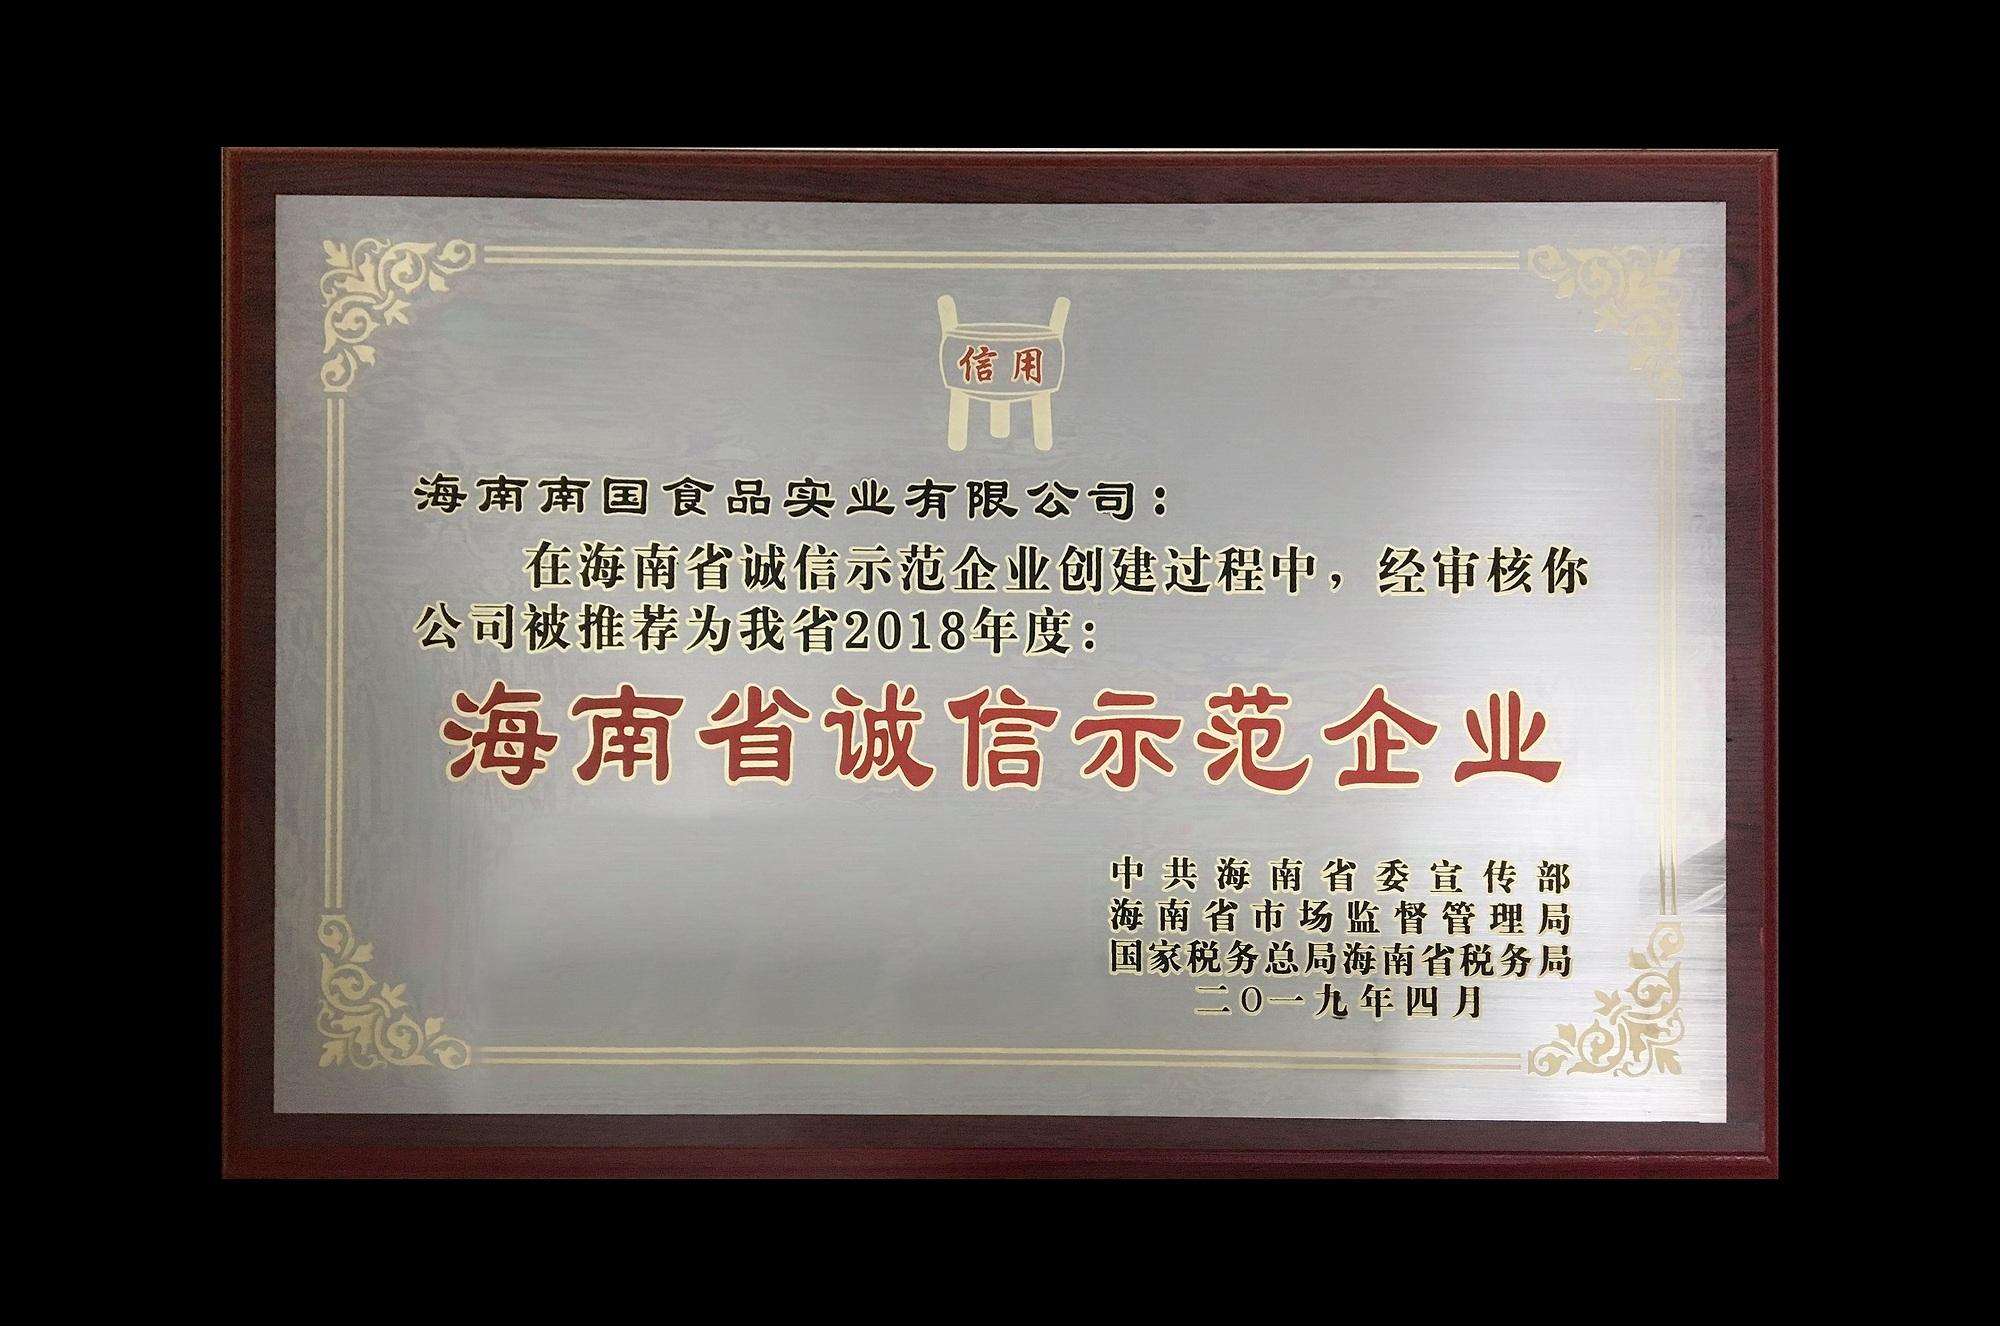 2018年度海南省诚信示范企业